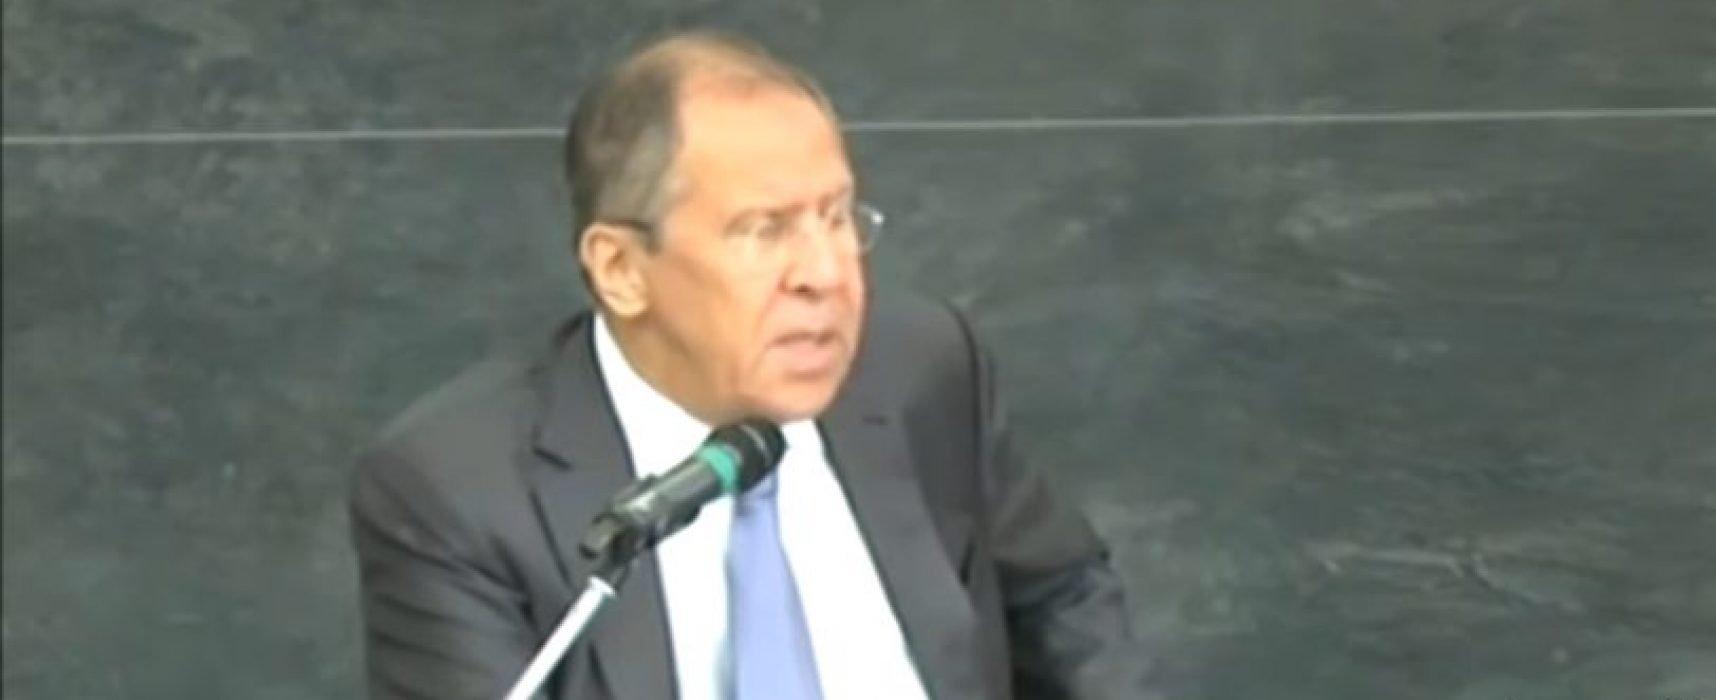 Каналът Russia Today изрязал от видеото си фразата на Лавров, че Русия участва в конфликта в Донбас